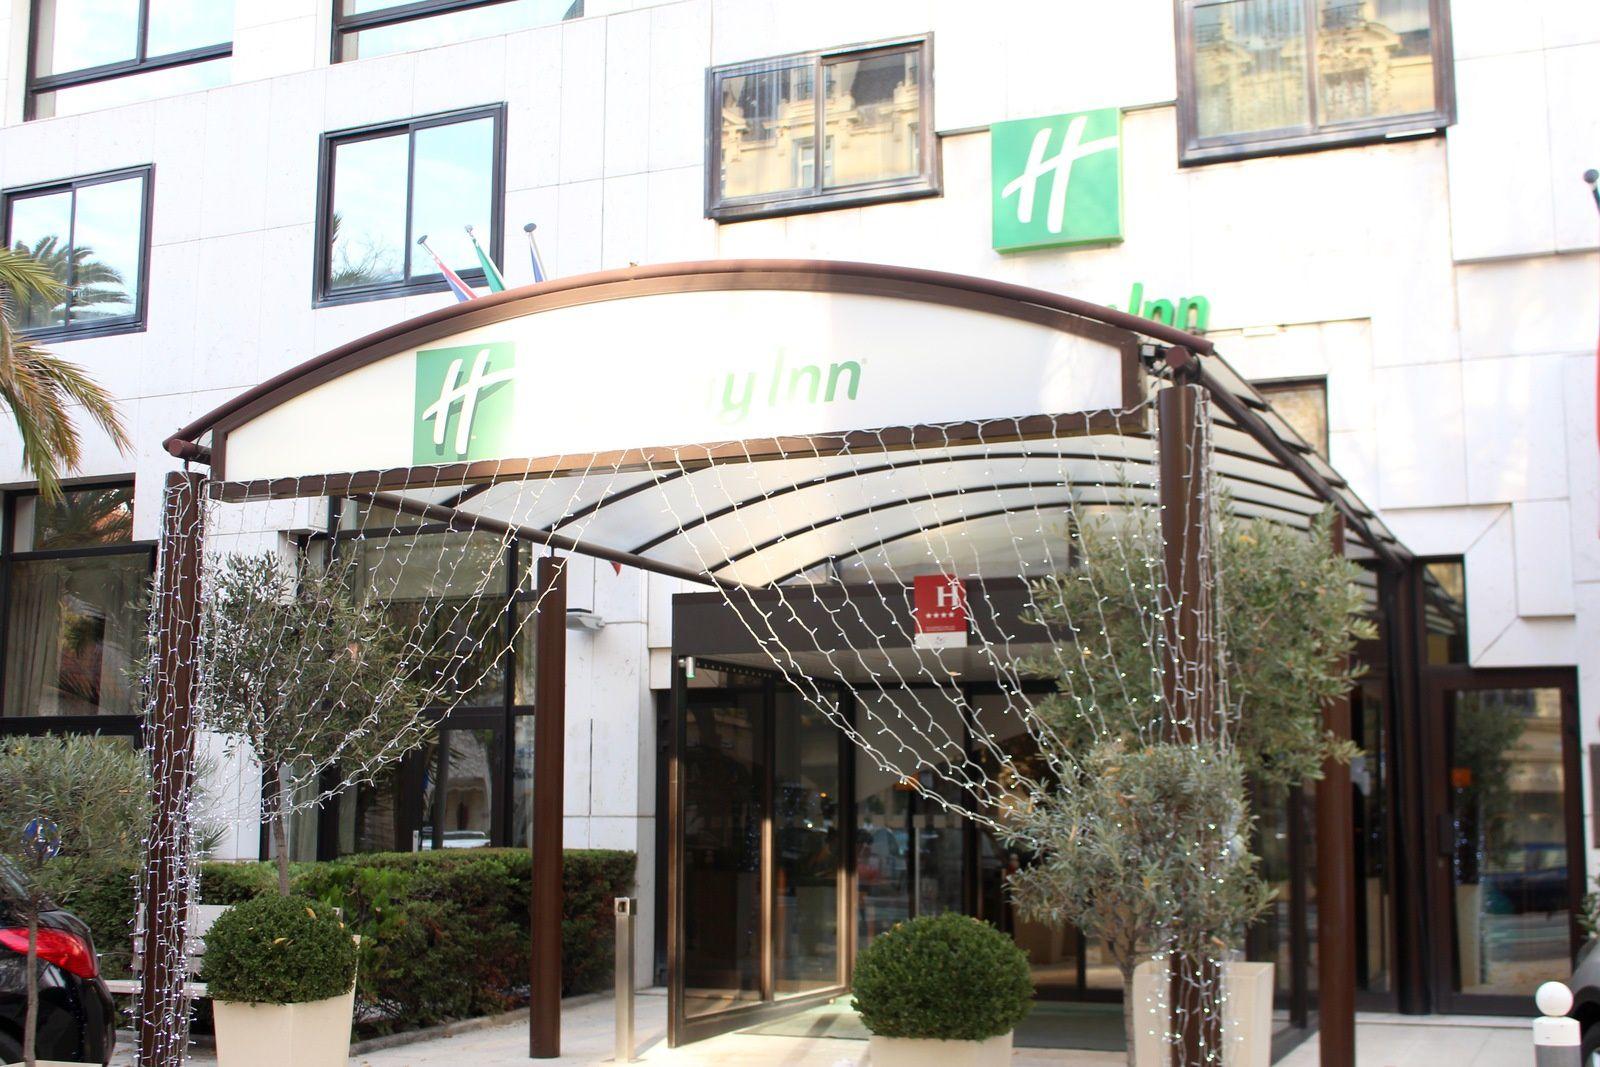 Séjourner en famille à Holiday Inn à Nice